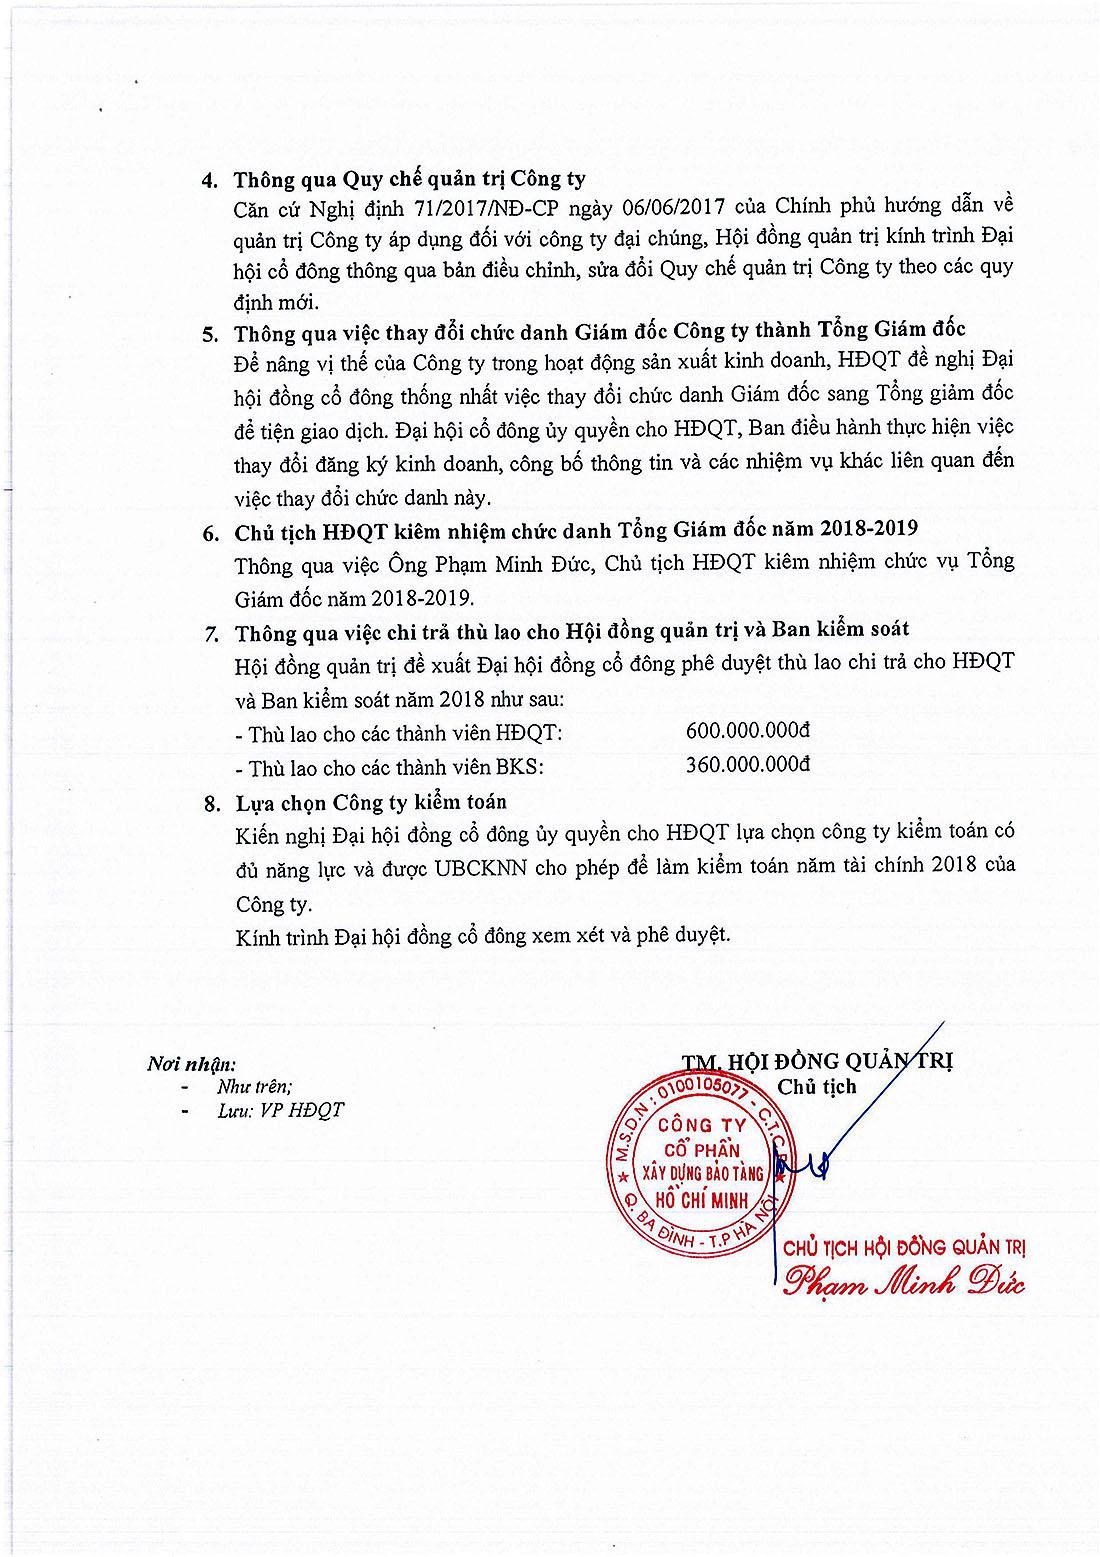 to trinh sua doi dieu le (6)